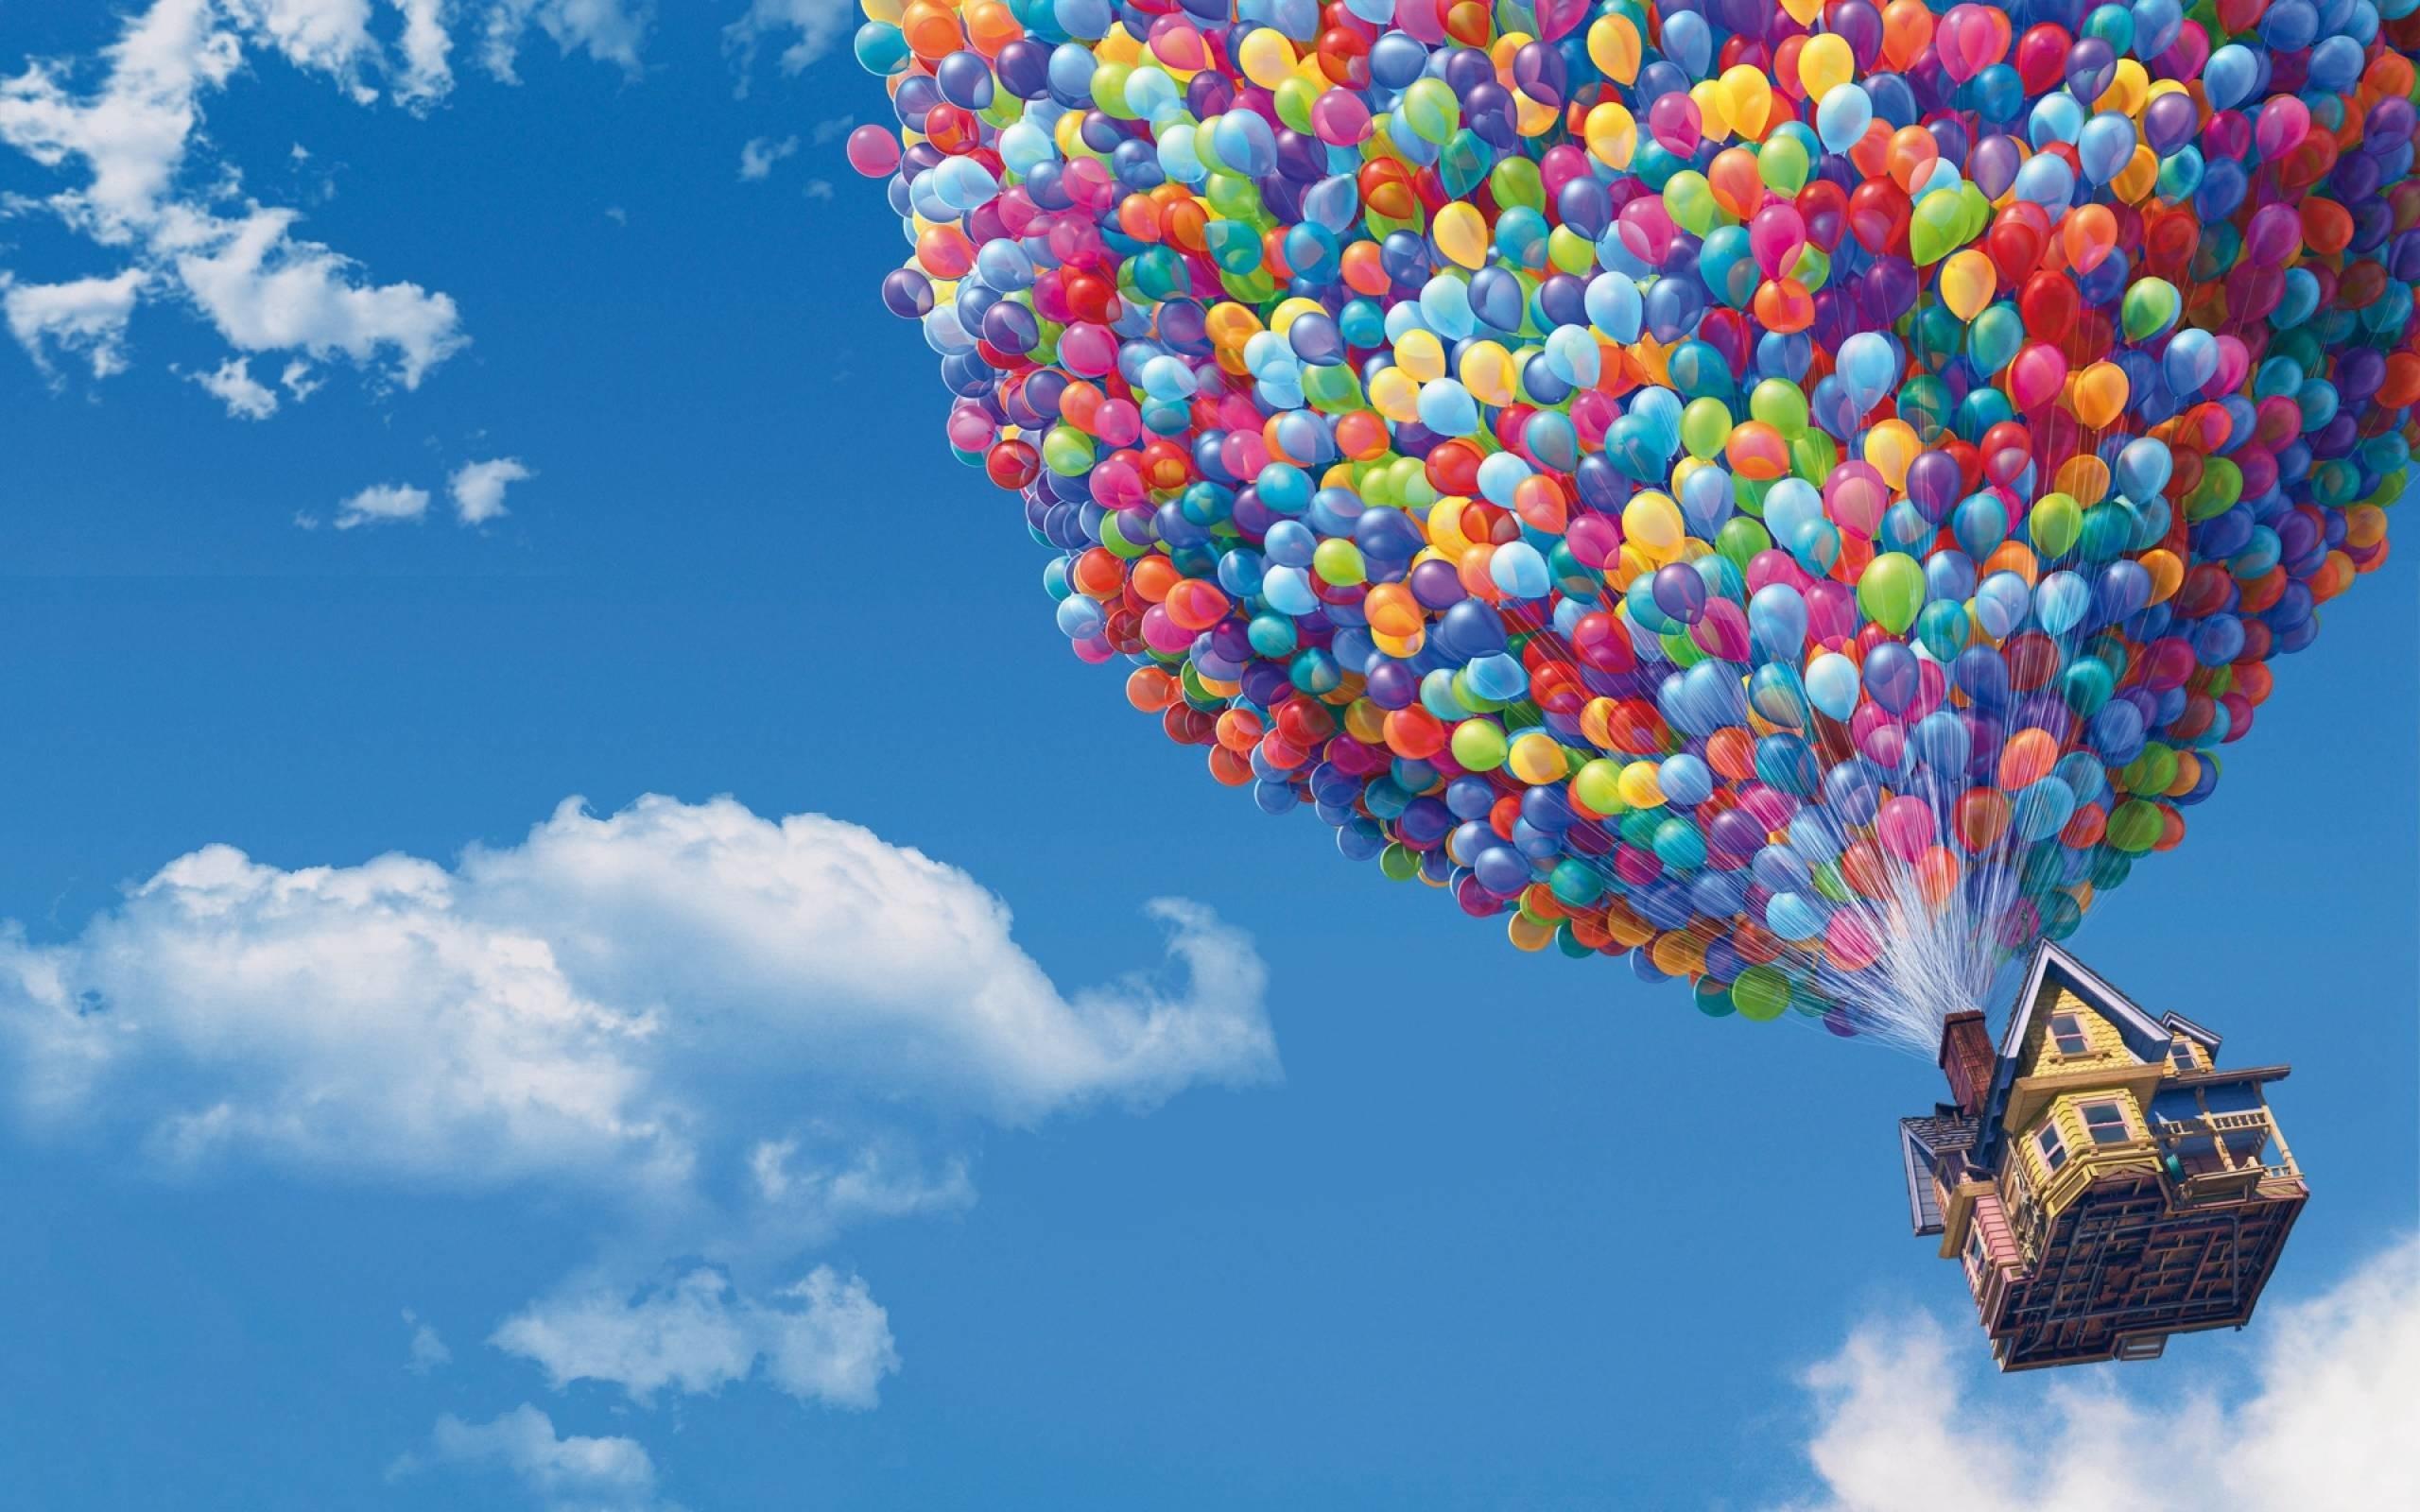 Disney Pixar Wallpapers – Full HD wallpaper search